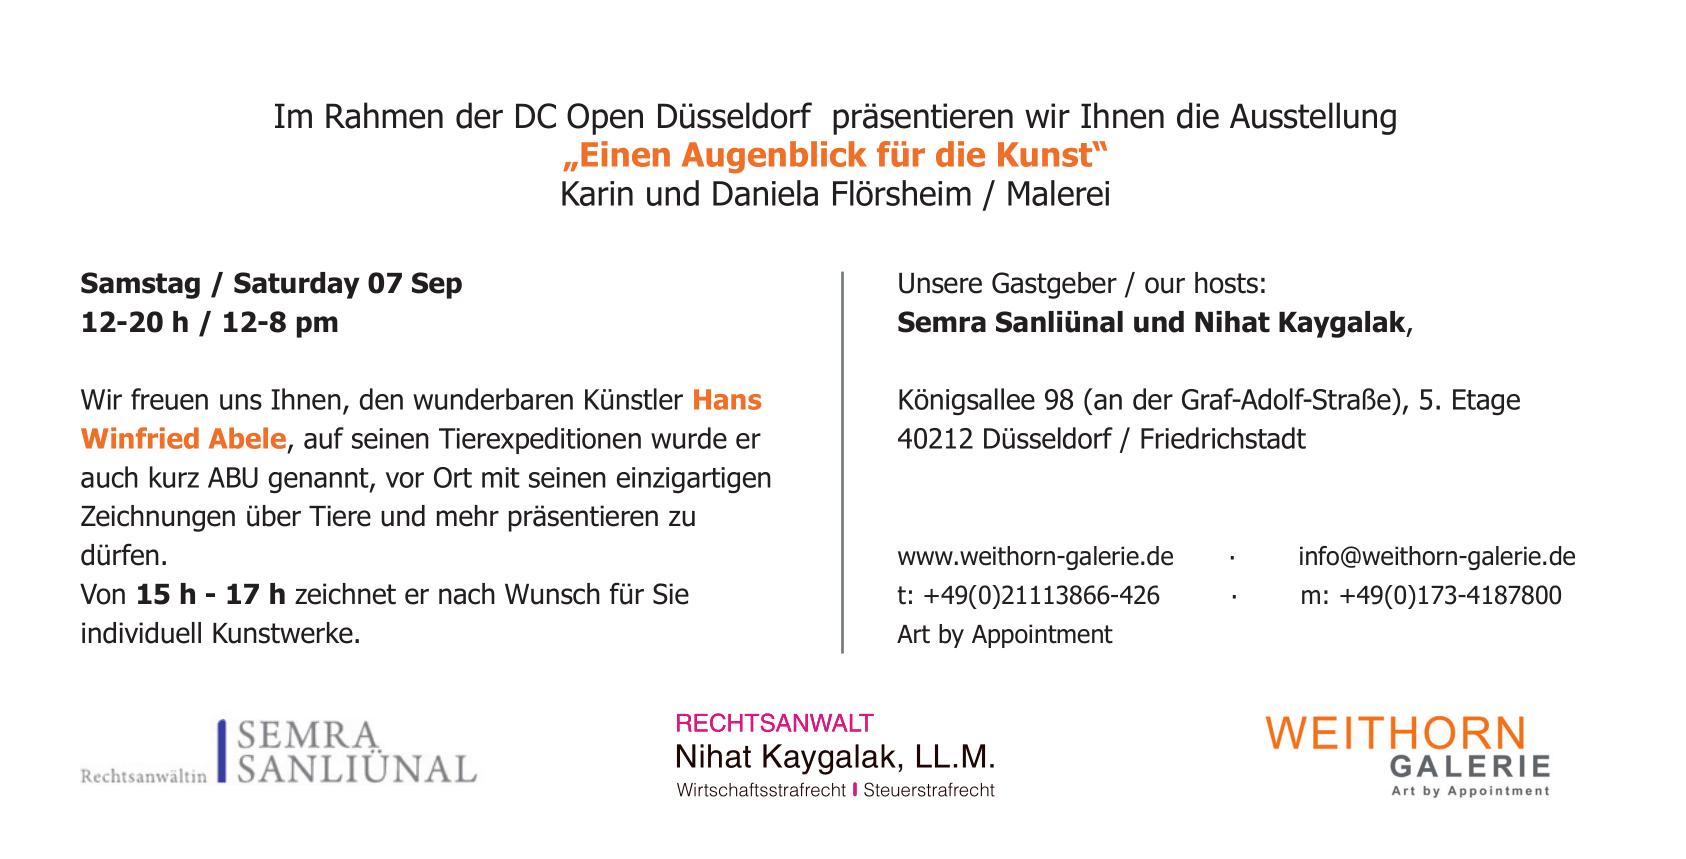 Flörsheim_KARTE3 2-2.png